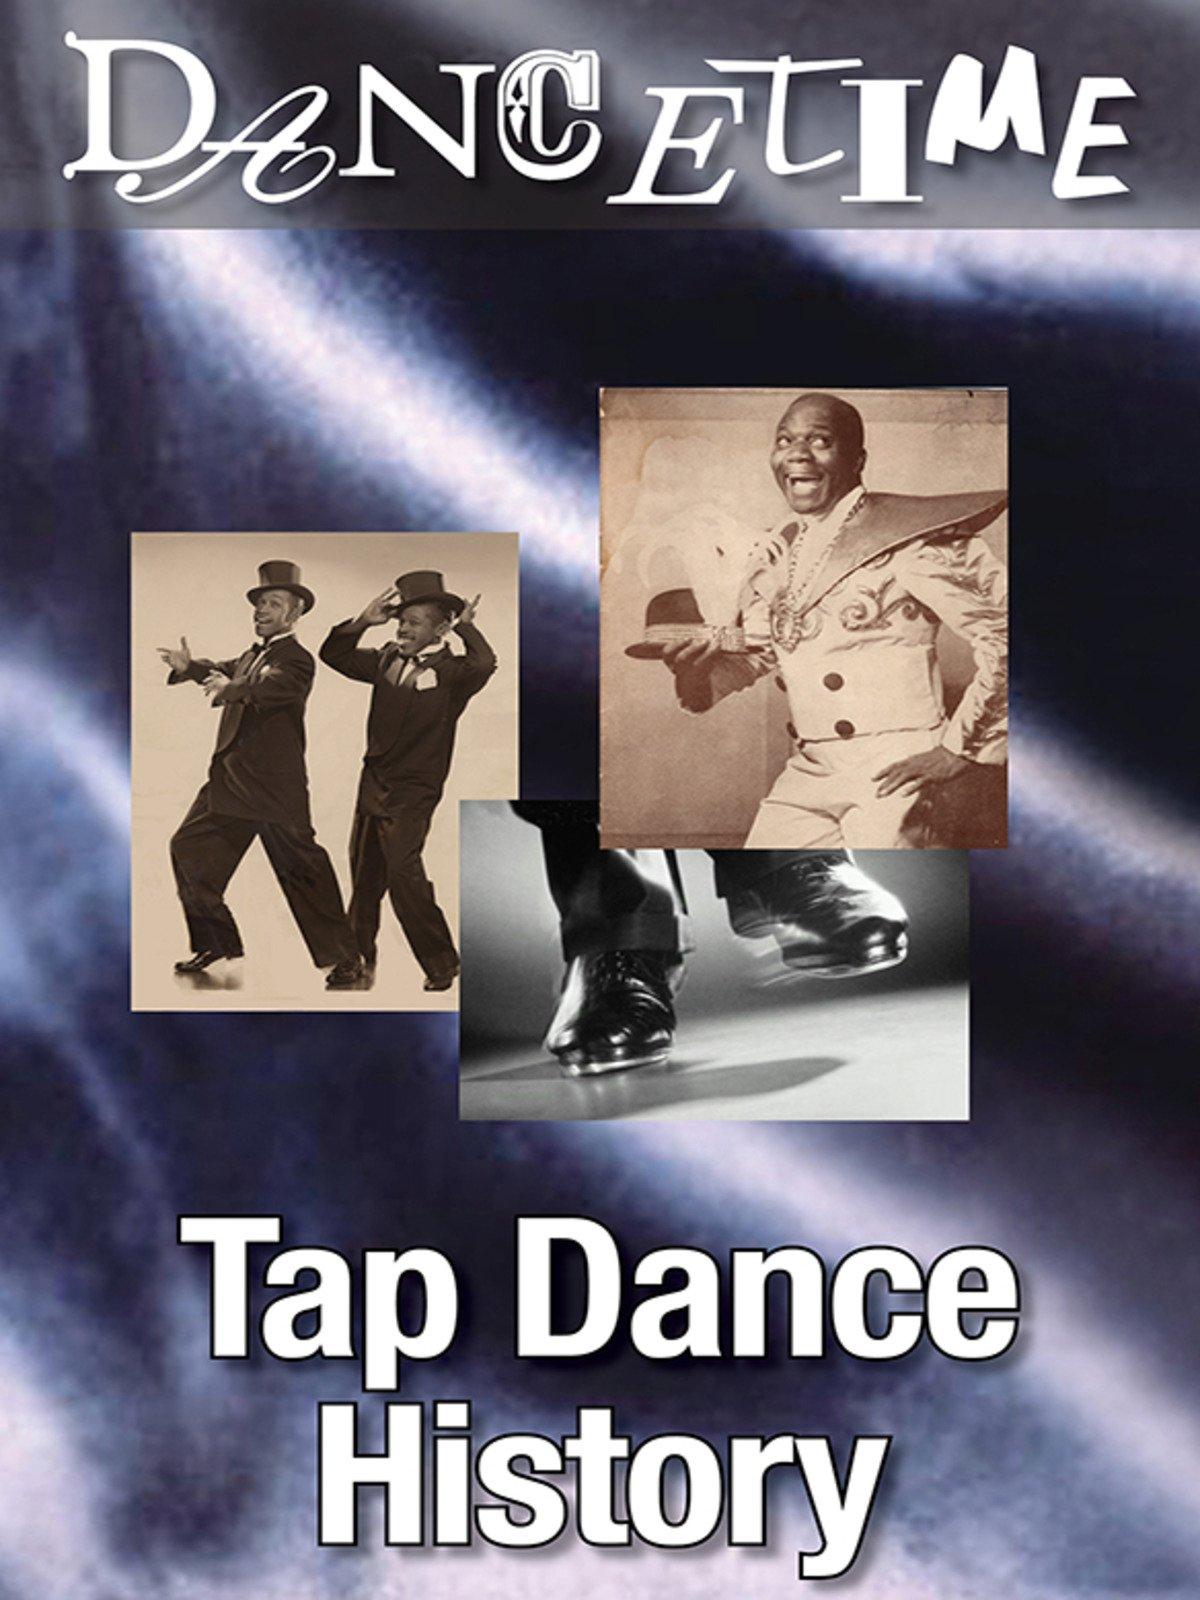 Dancetime: Tap Dance History